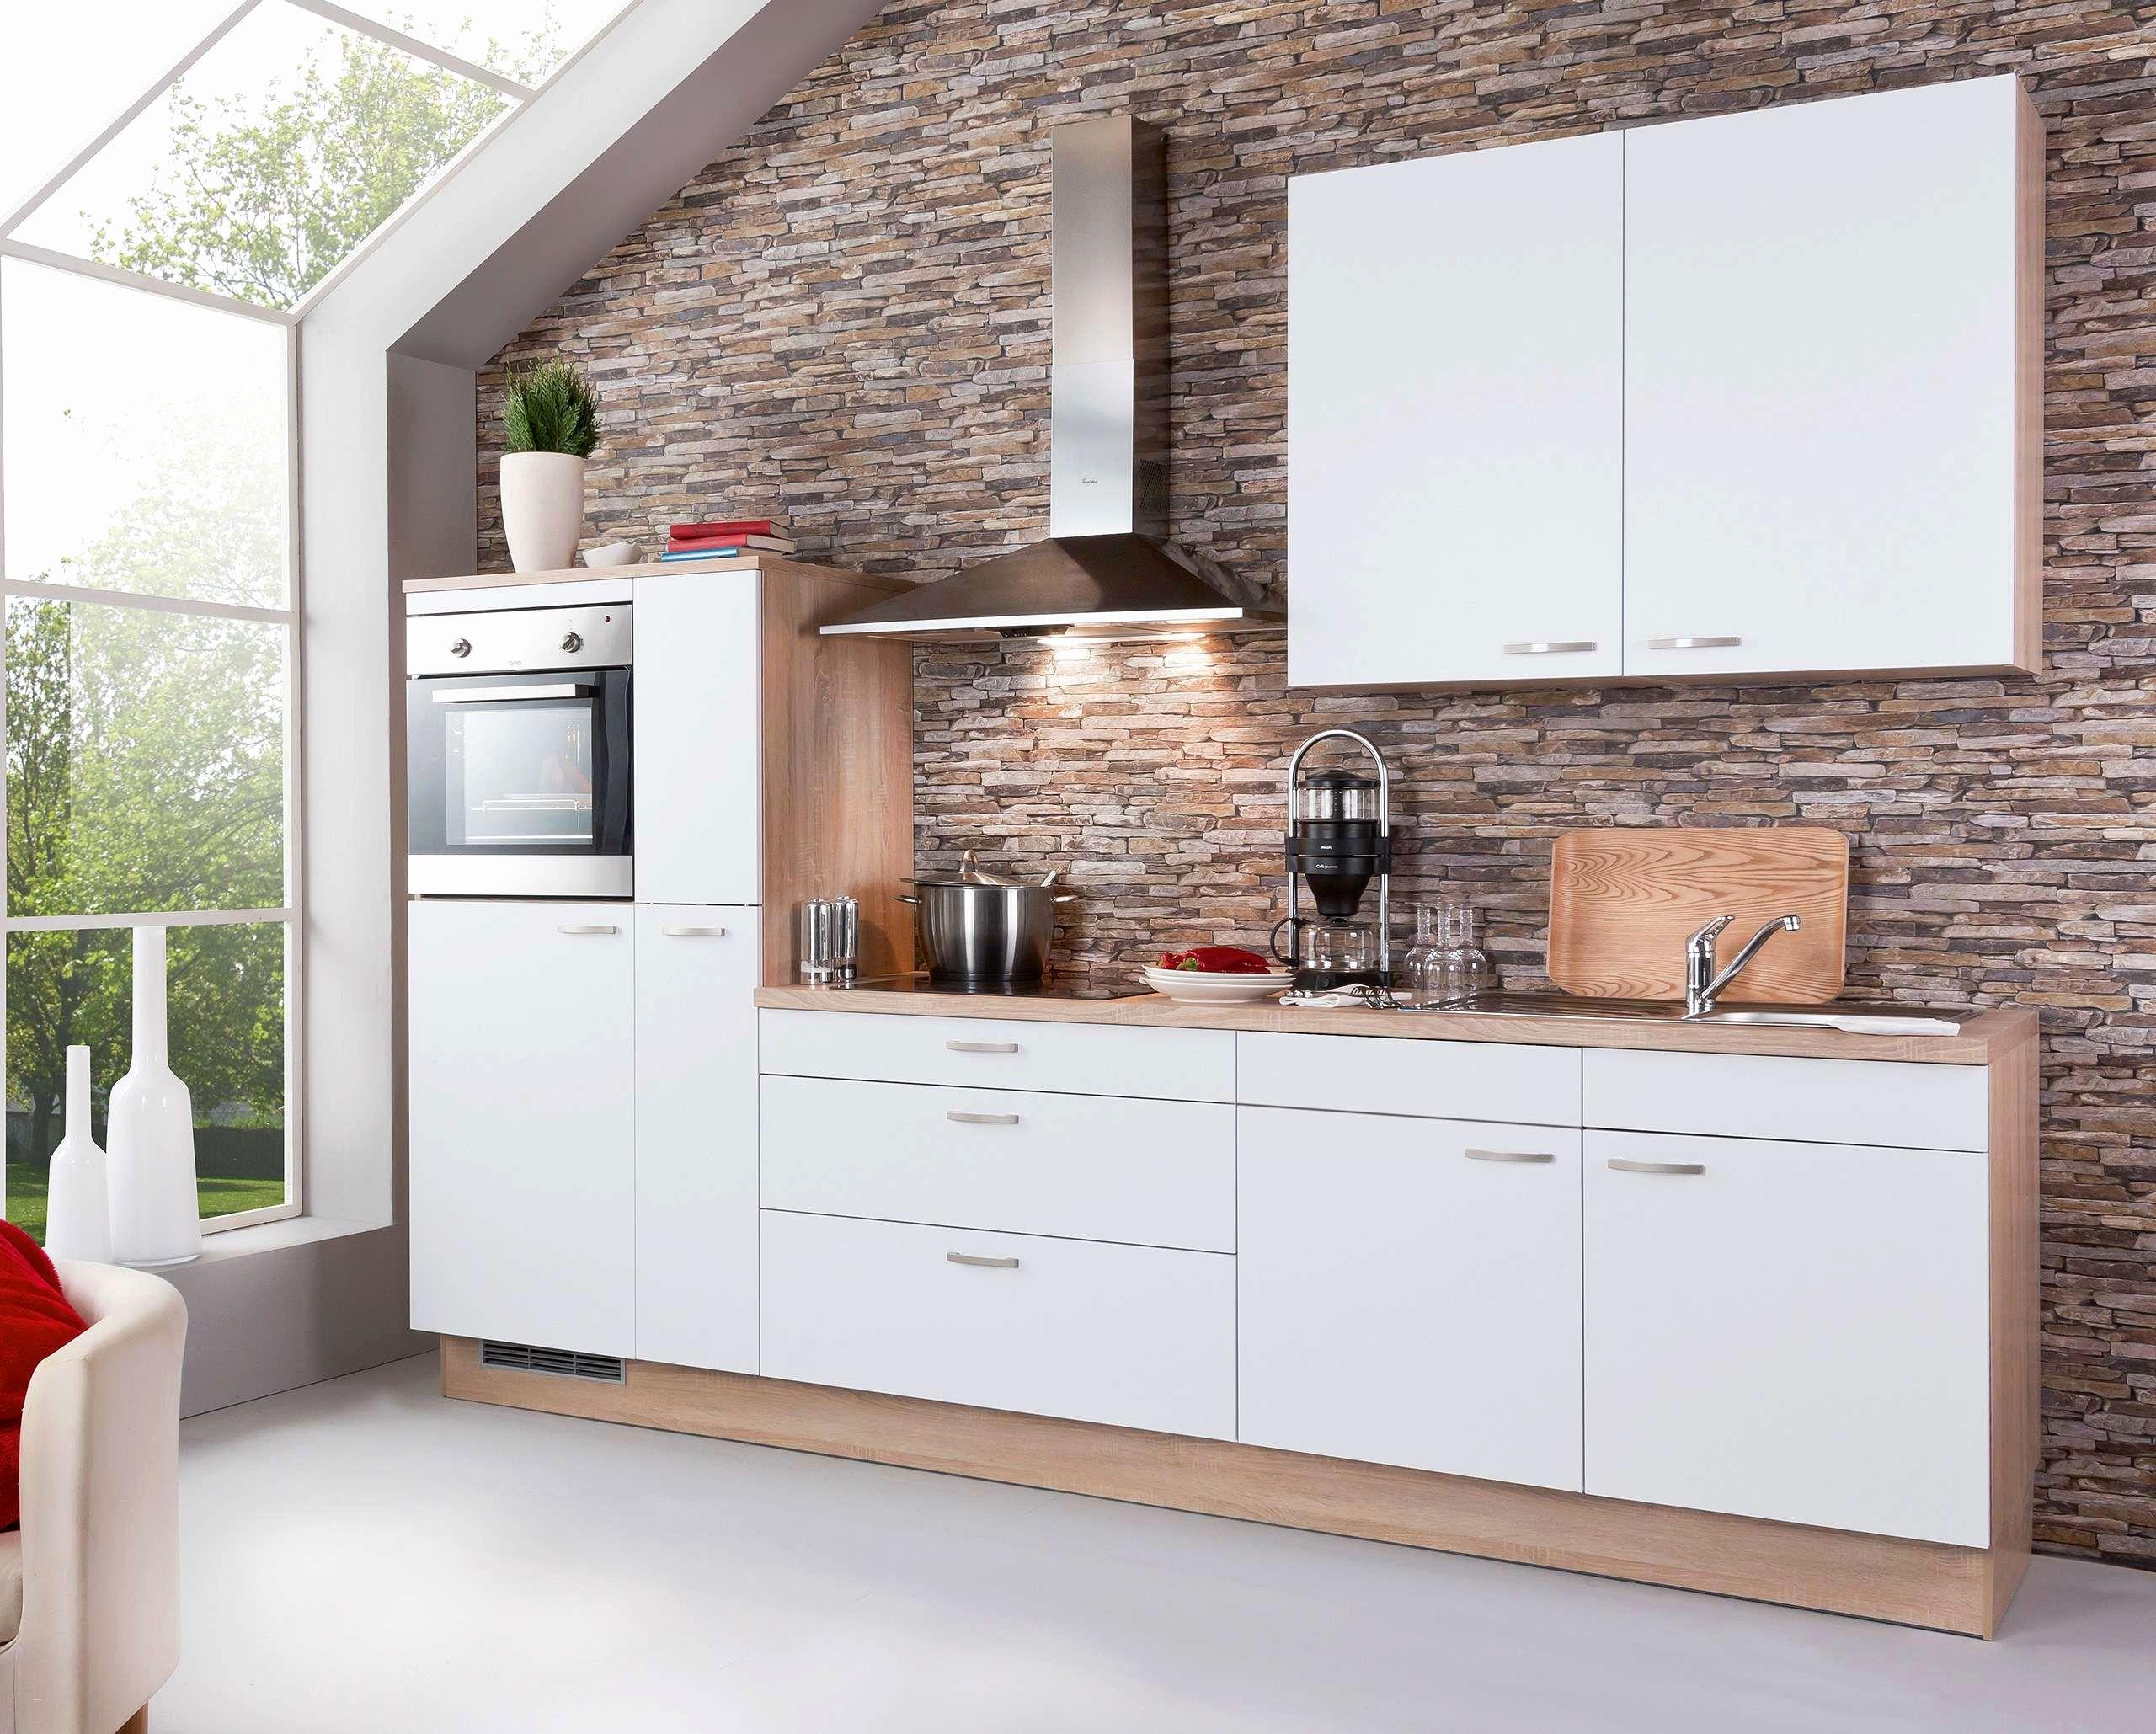 Billige Einbaukuchen New Billige Einbaukuechen Das Beste Von Wohnzimmergarnitur Ikea Kuche Sitzecke Kuche Kuche Zusammenstellen